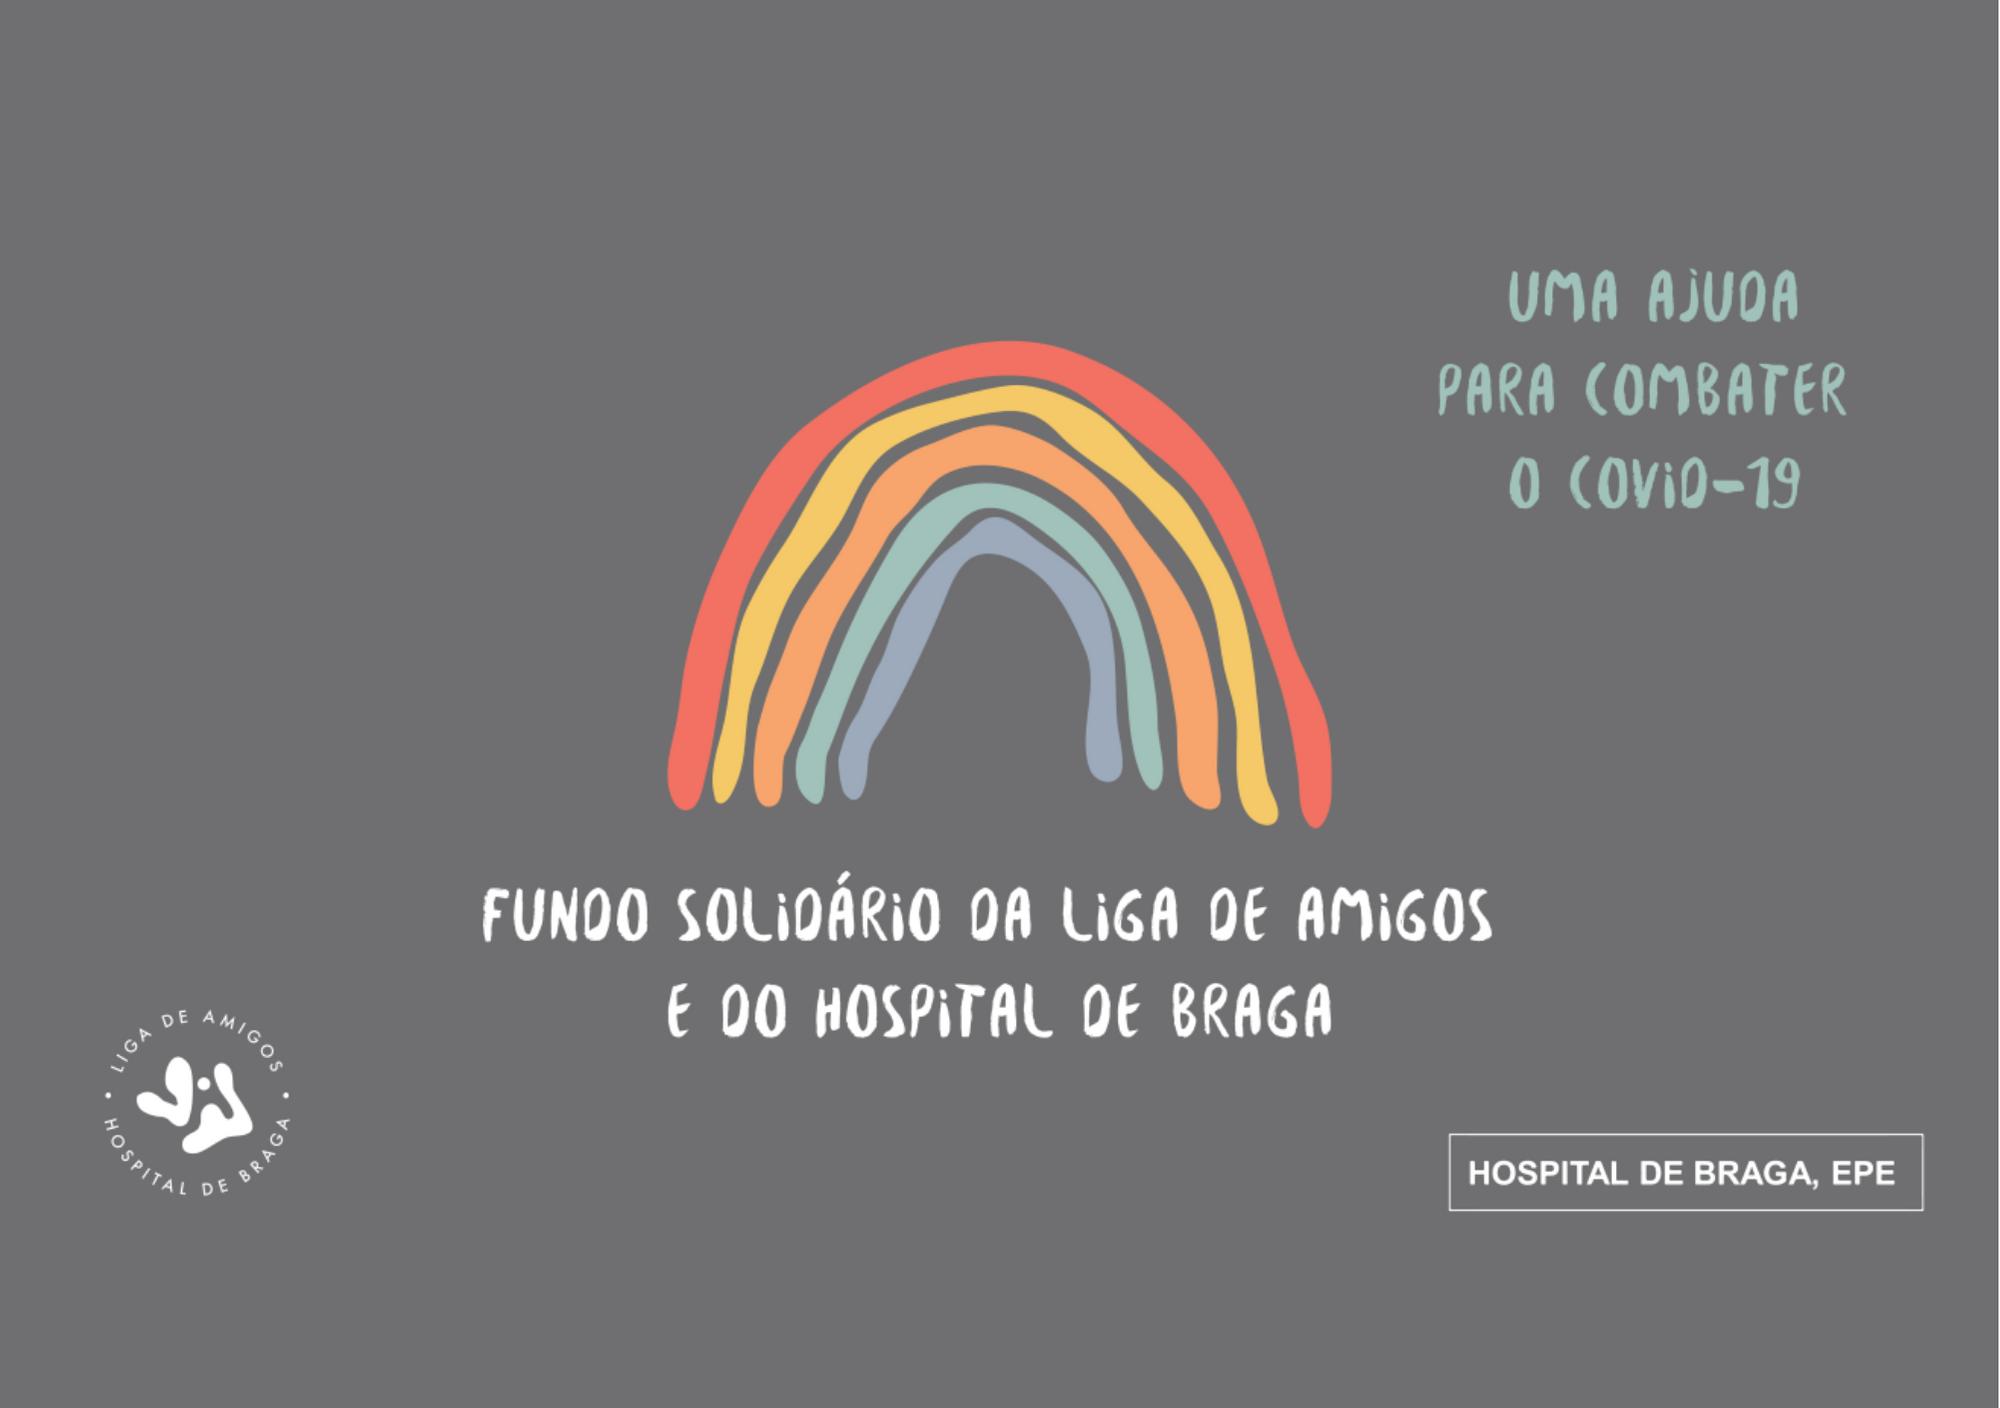 hospital-de-braga-Fundo Solidário - Liga de Amigos do Hospital de Braga